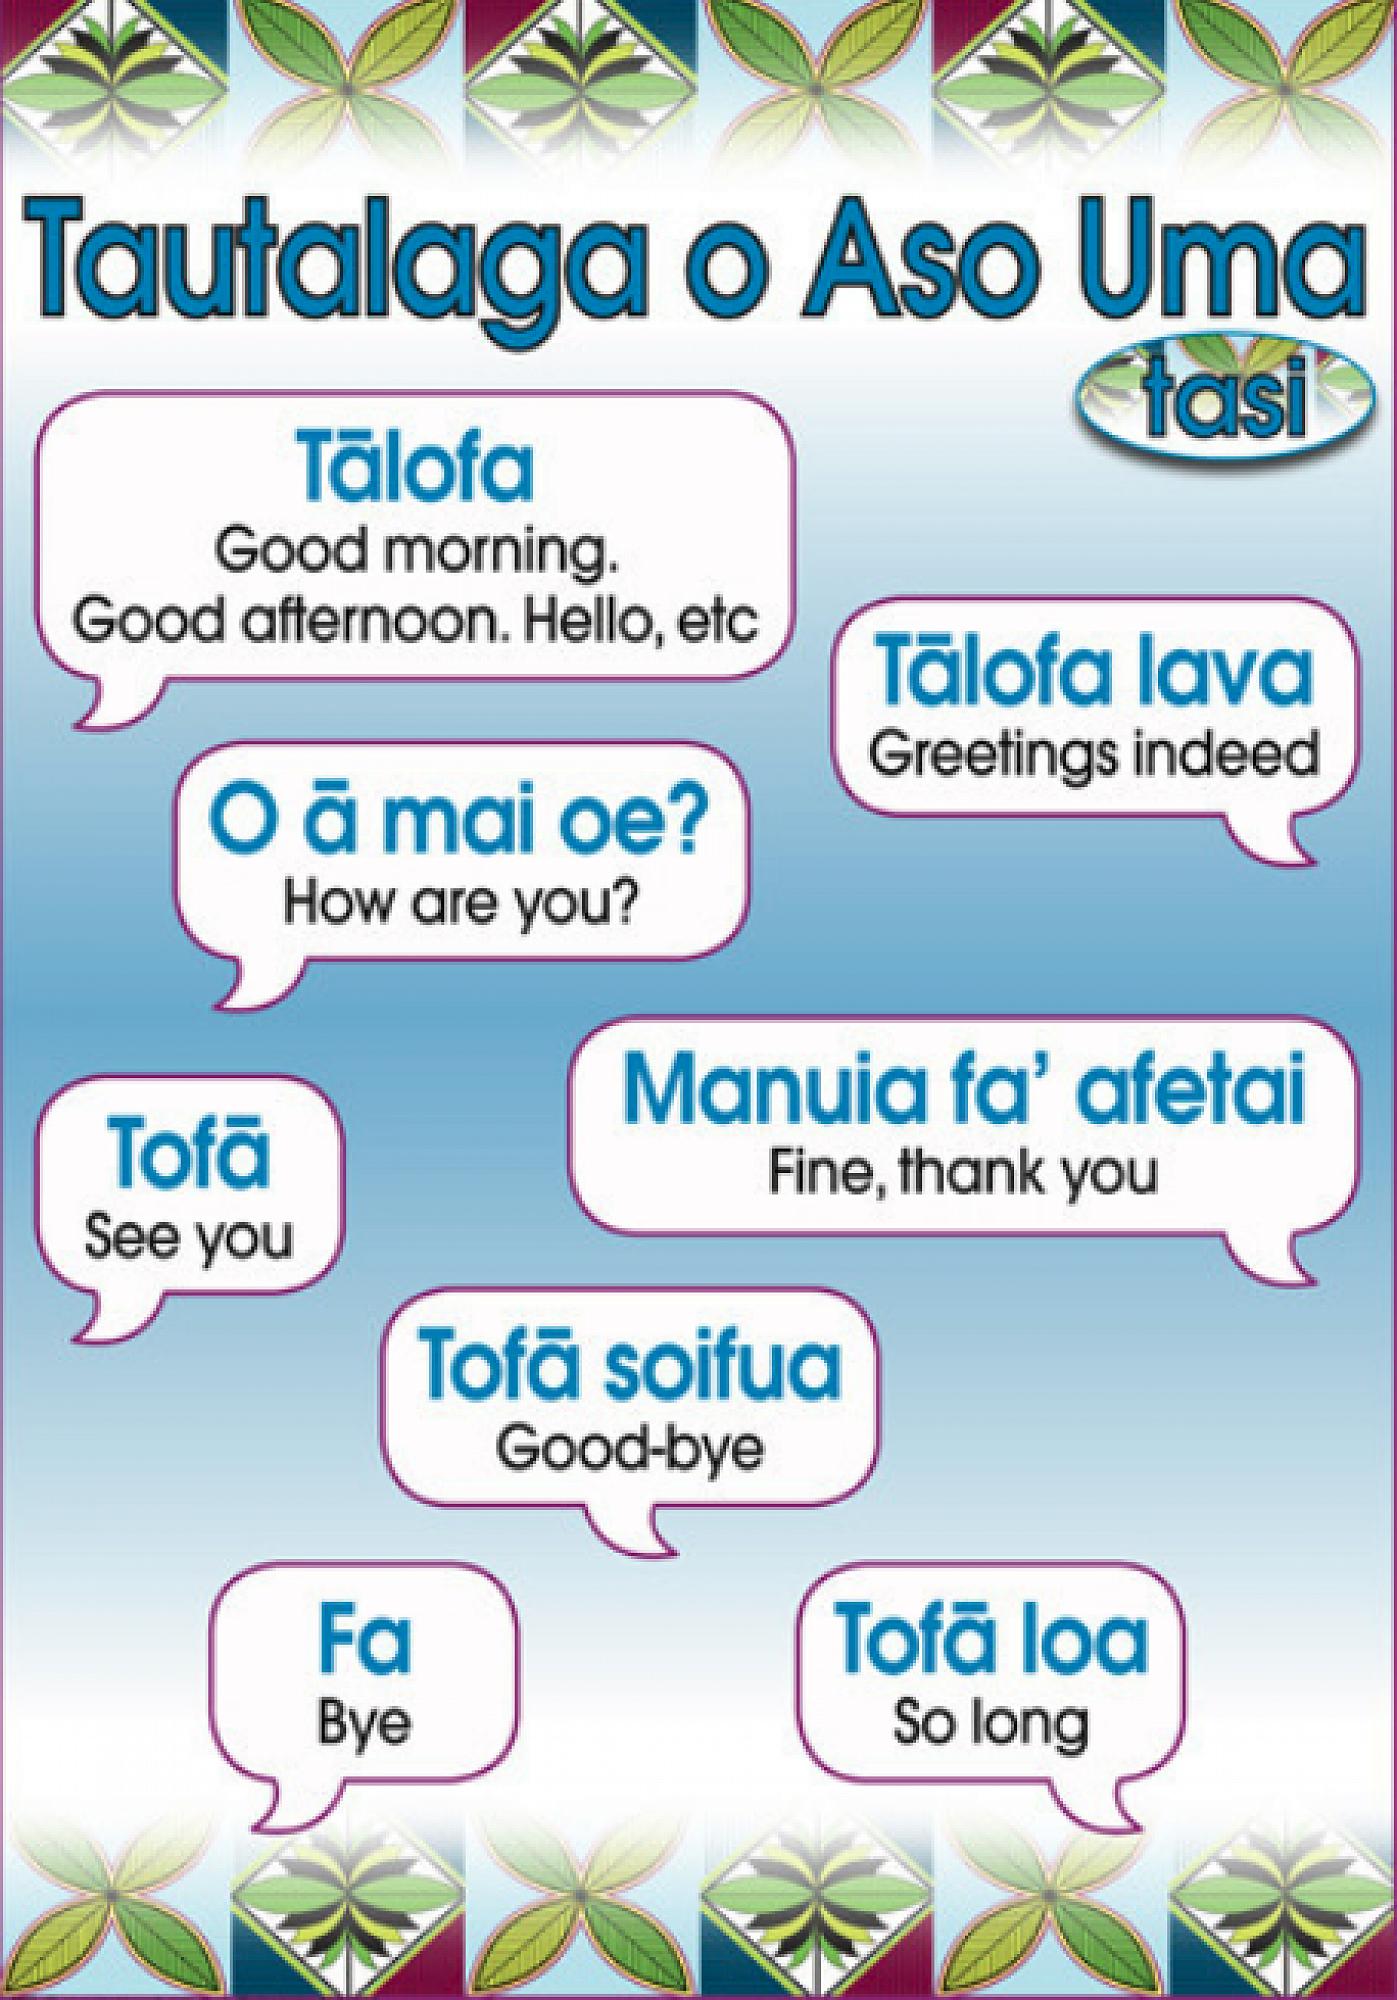 Samoan language week 27 may to 2 june 2018 samoan language week 27 may 2 june 2018 m4hsunfo